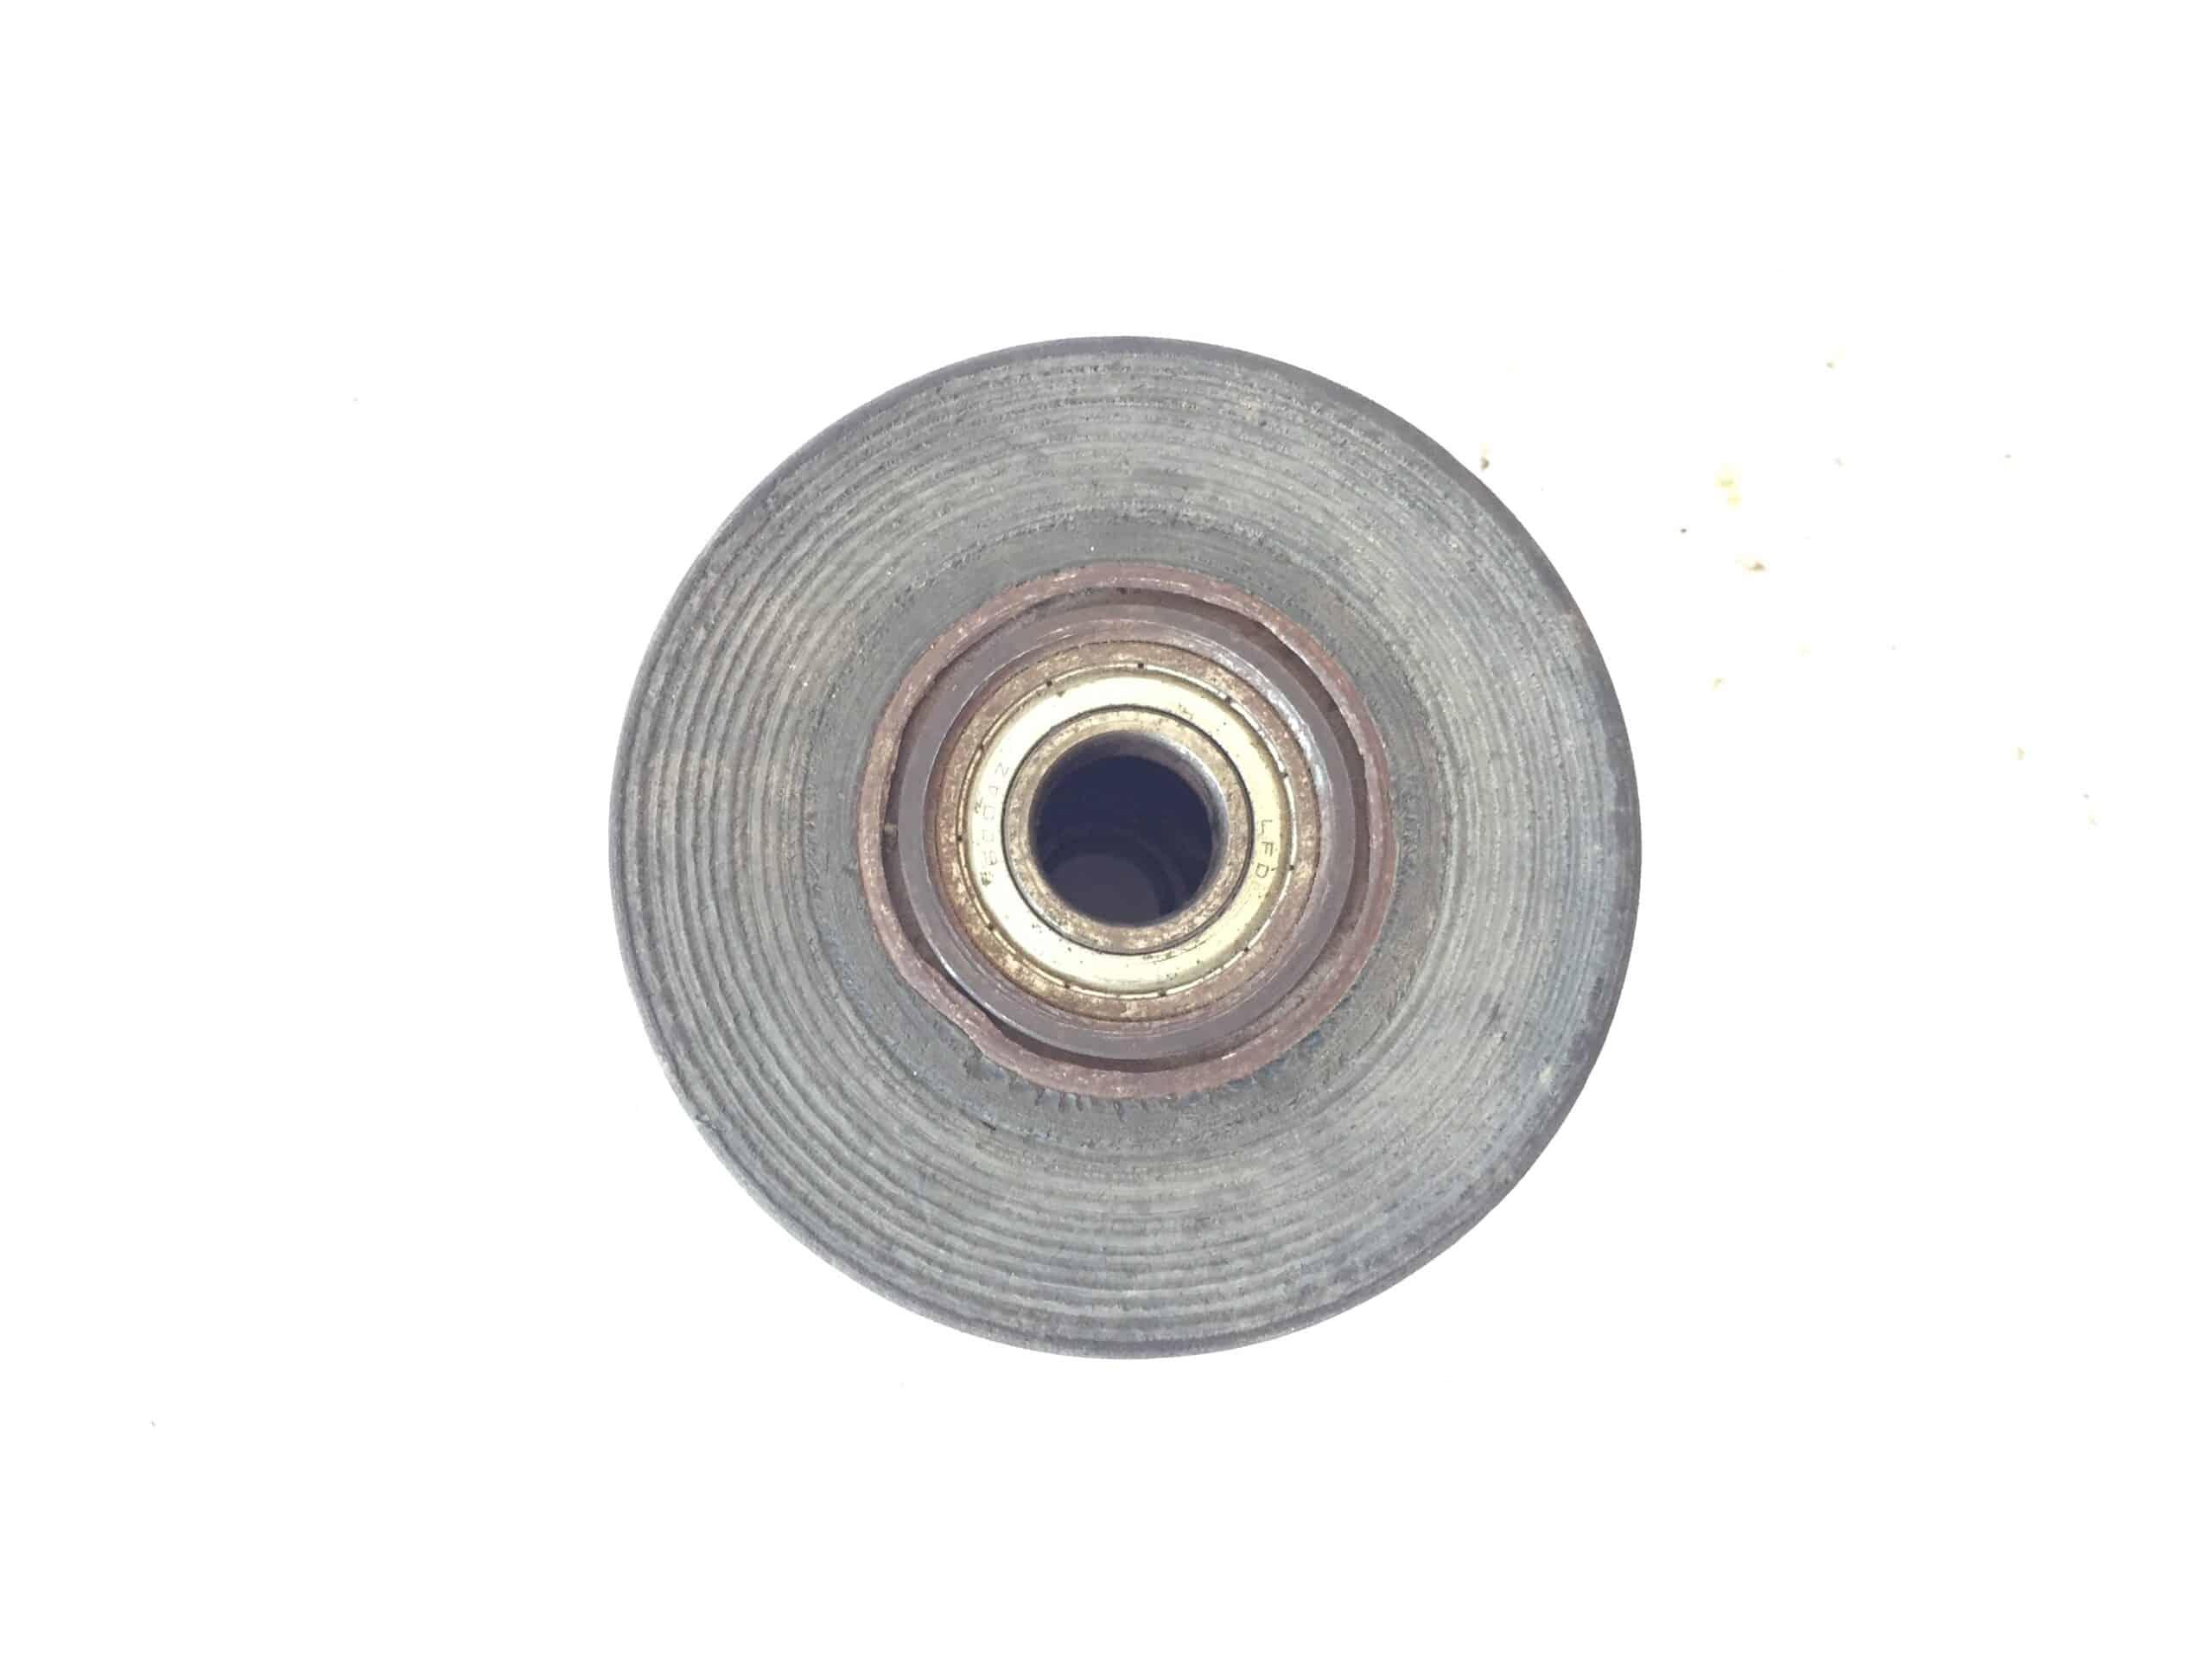   Load wheel   Fazl-e-Rasheed and Company October 2021